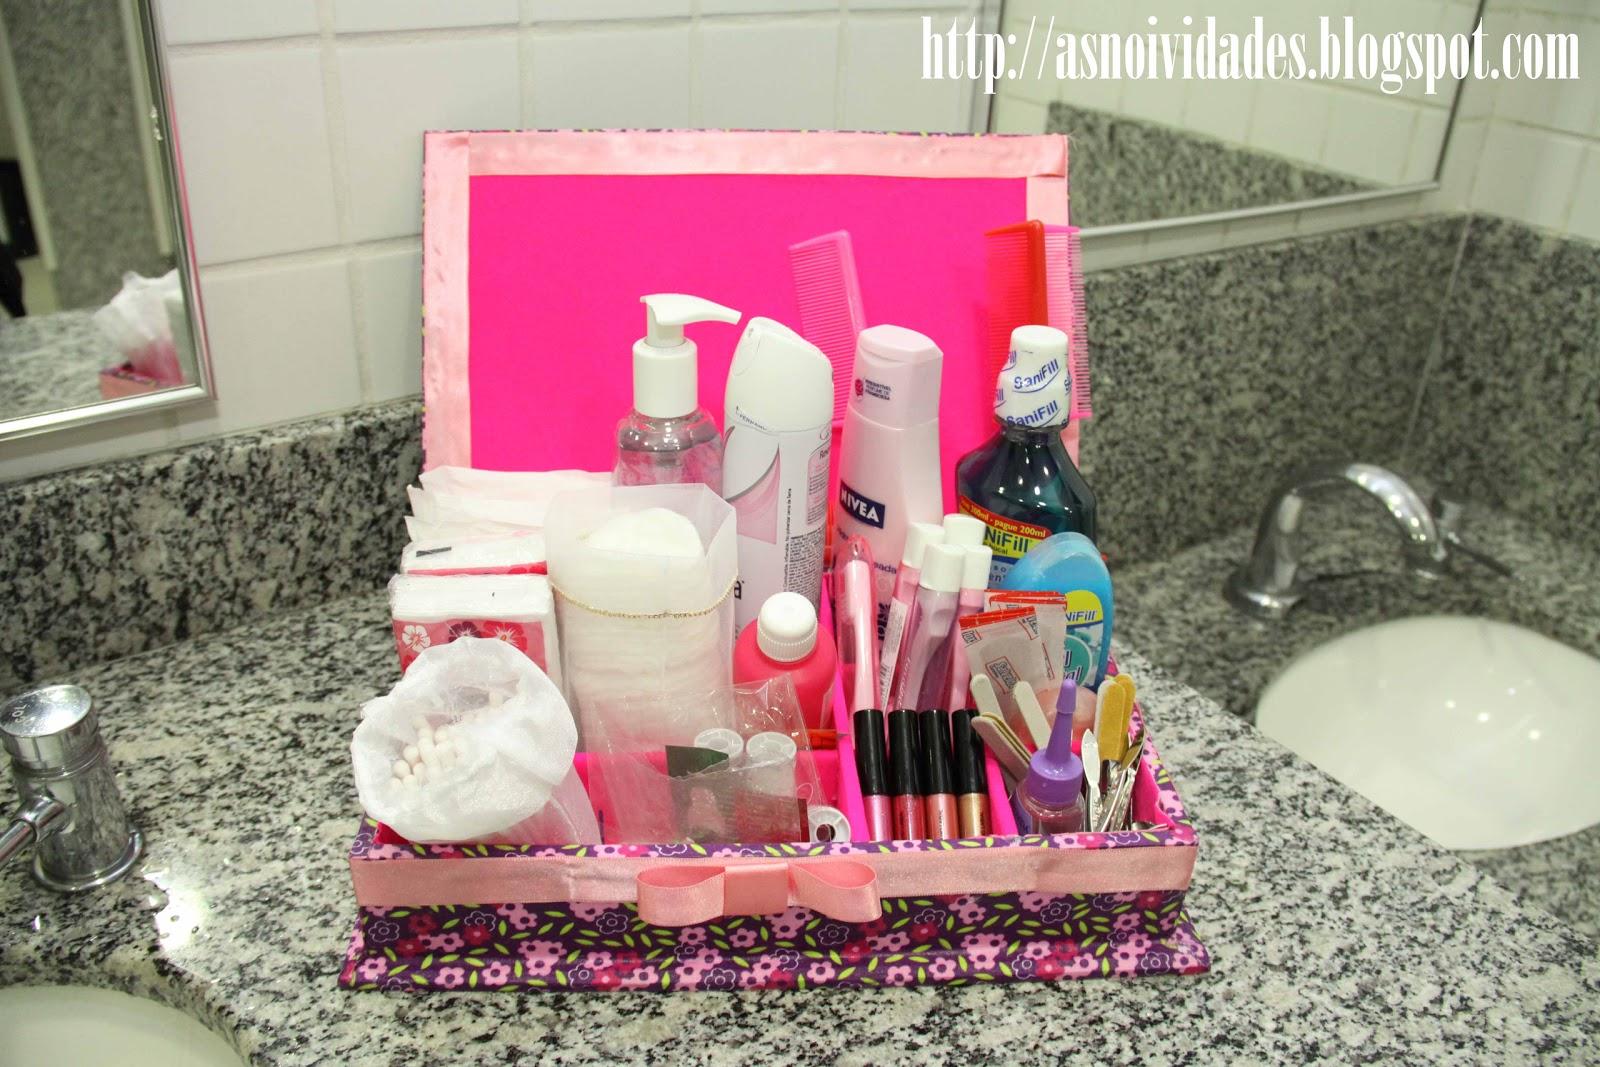 #C70459 kit banheiro para casamento: o que colocar no toalete e como! 1600x1067 px kit de banheiro hidrolar